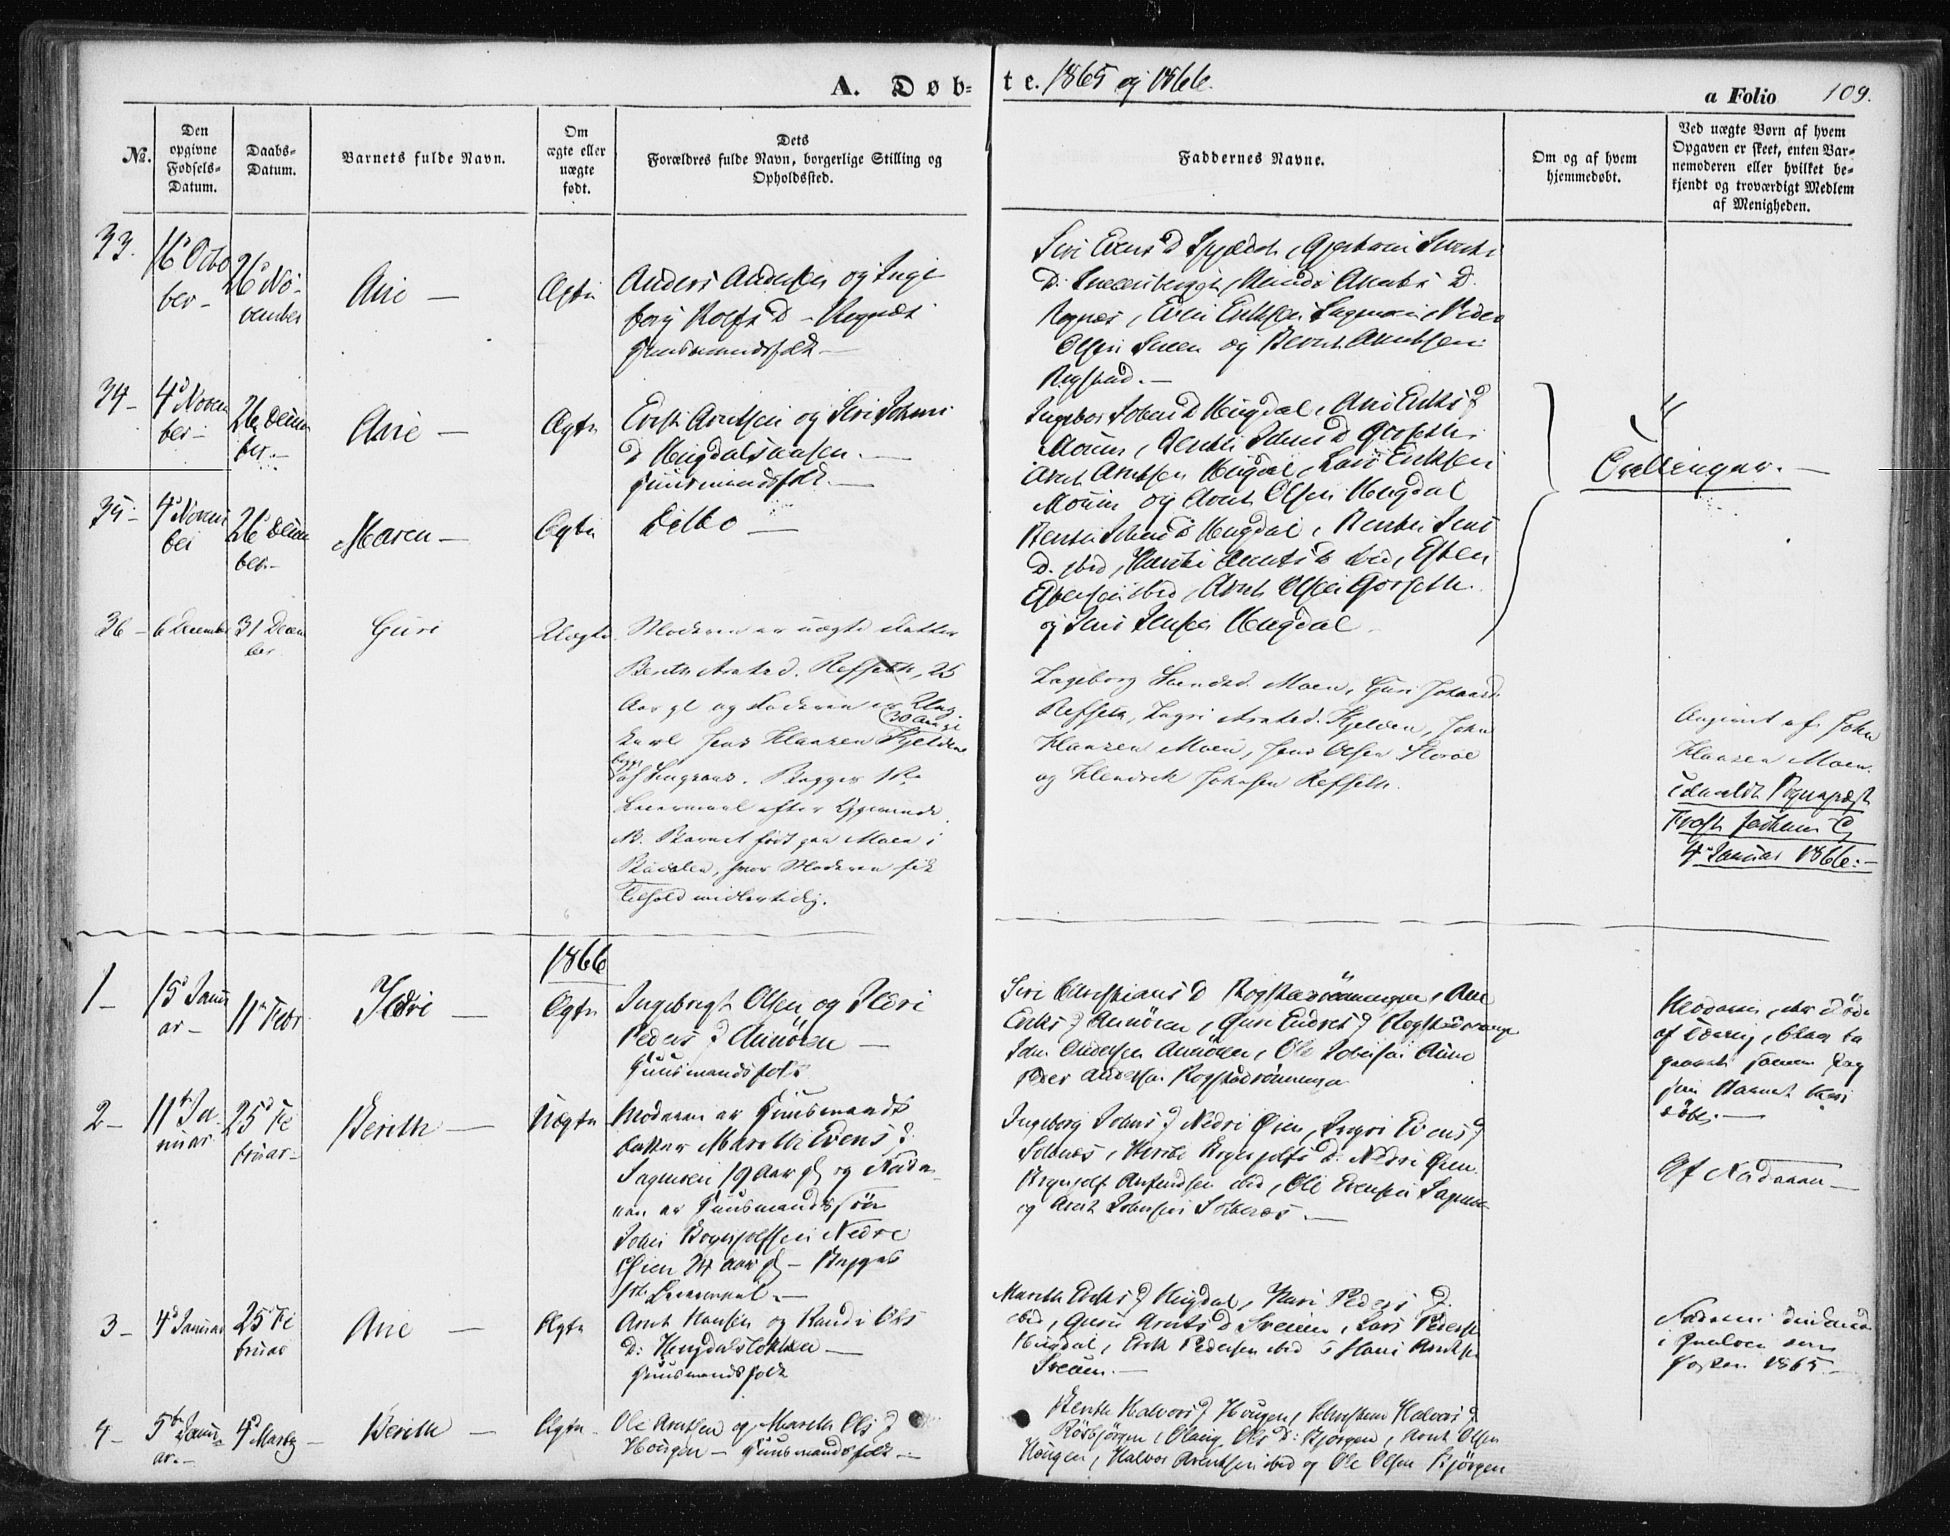 SAT, Ministerialprotokoller, klokkerbøker og fødselsregistre - Sør-Trøndelag, 687/L1000: Ministerialbok nr. 687A06, 1848-1869, s. 109